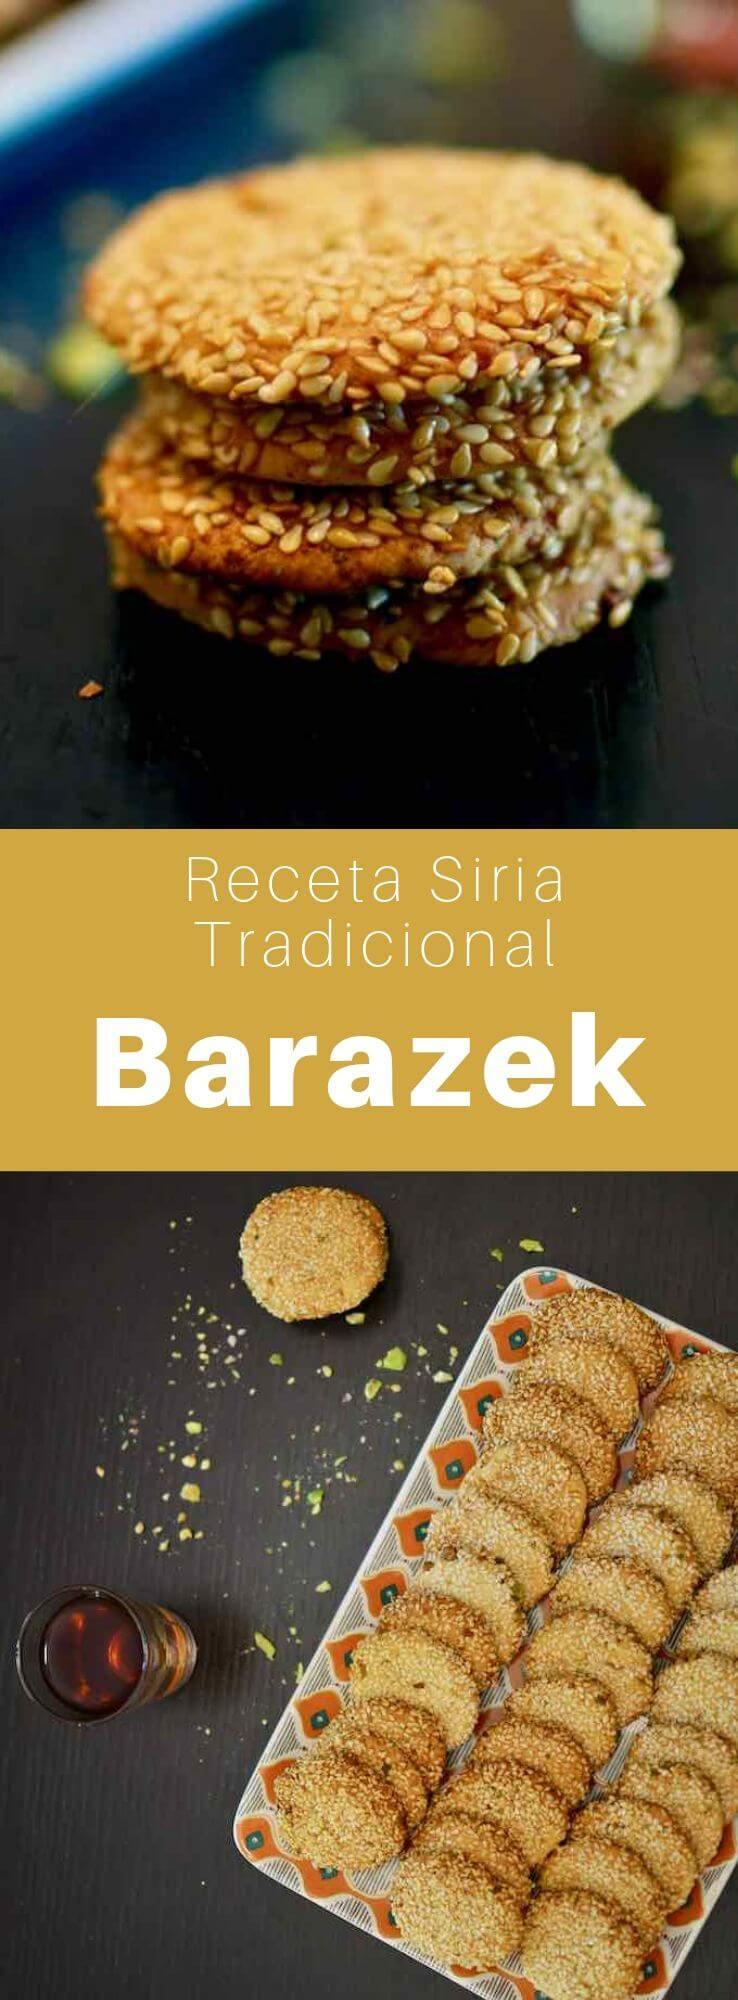 El barazek es una deliciosa galleta de sésamo y pistachos autentica de Siria. A menudo se disfruta con té o helado.